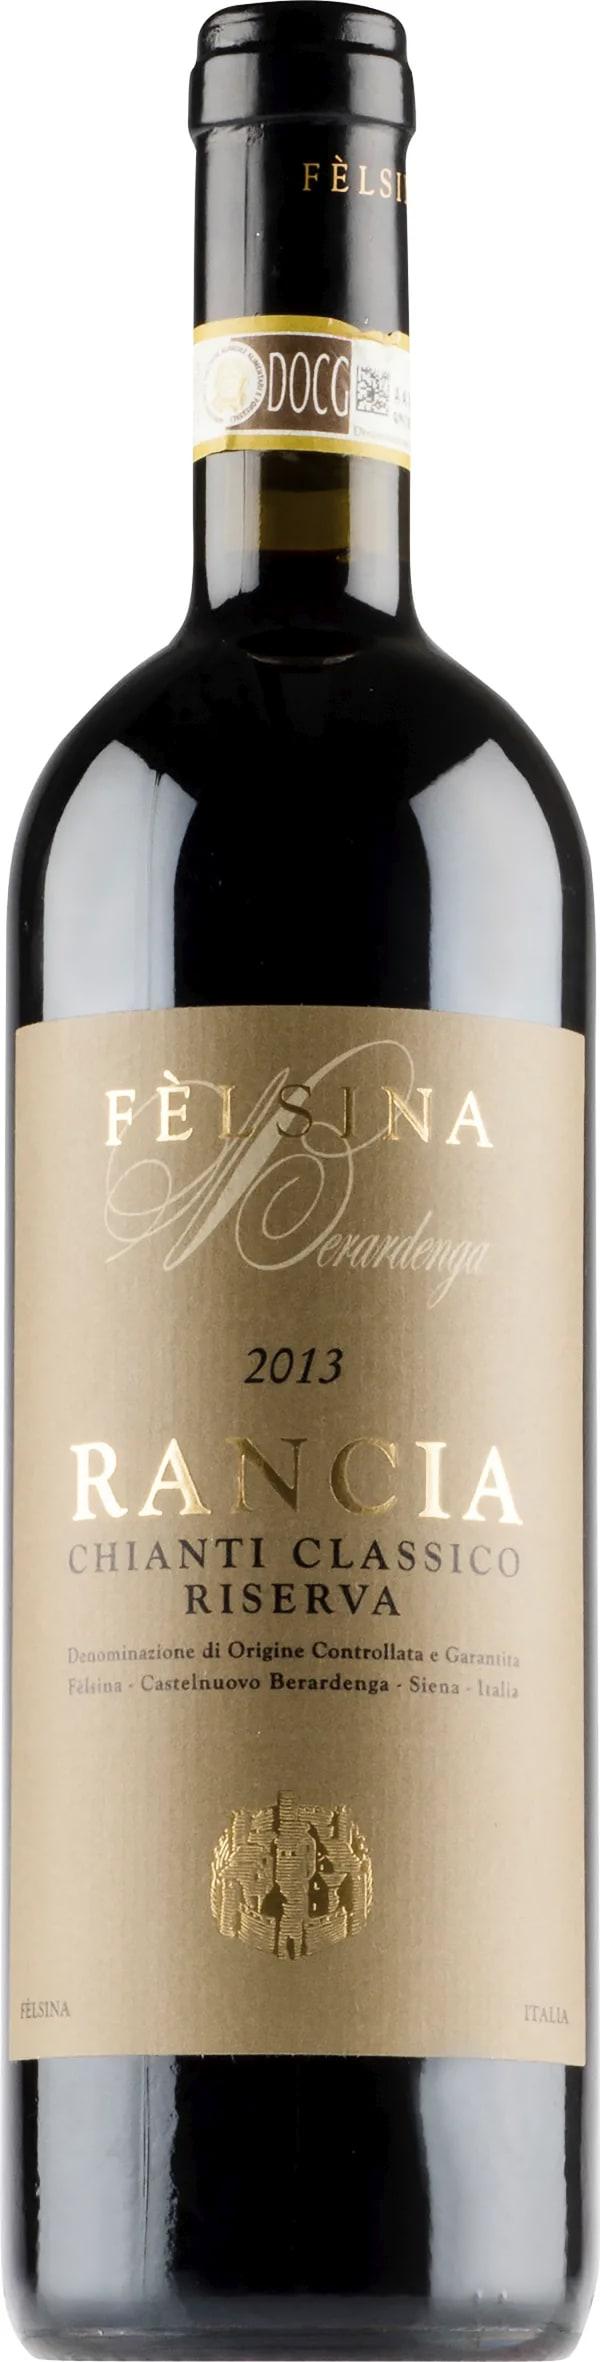 Fèlsina Rancia Chianti Classico Riserva 2013